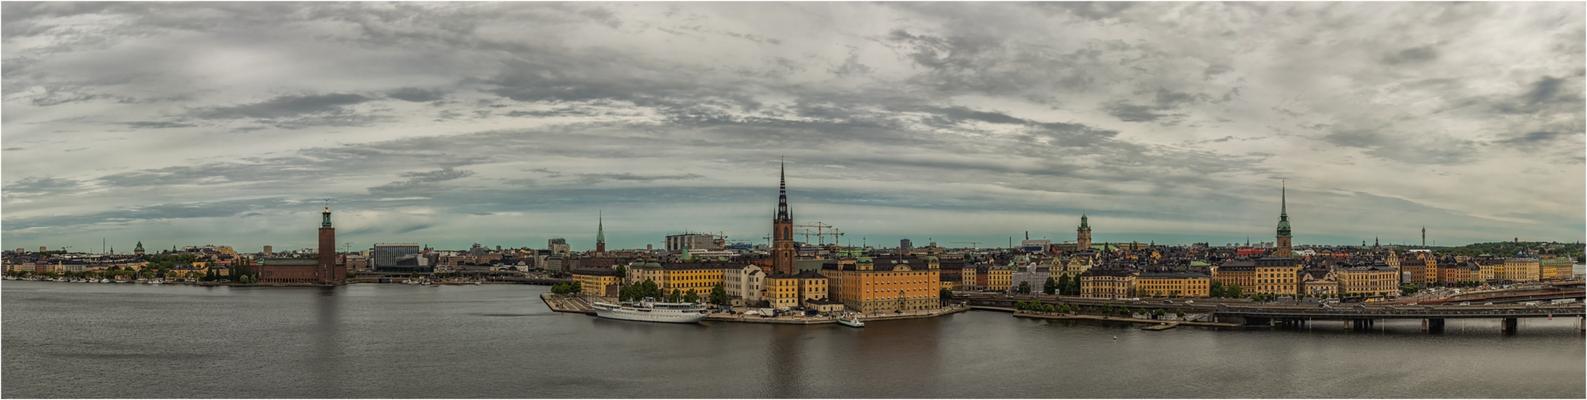 Panorama Riddarholmen